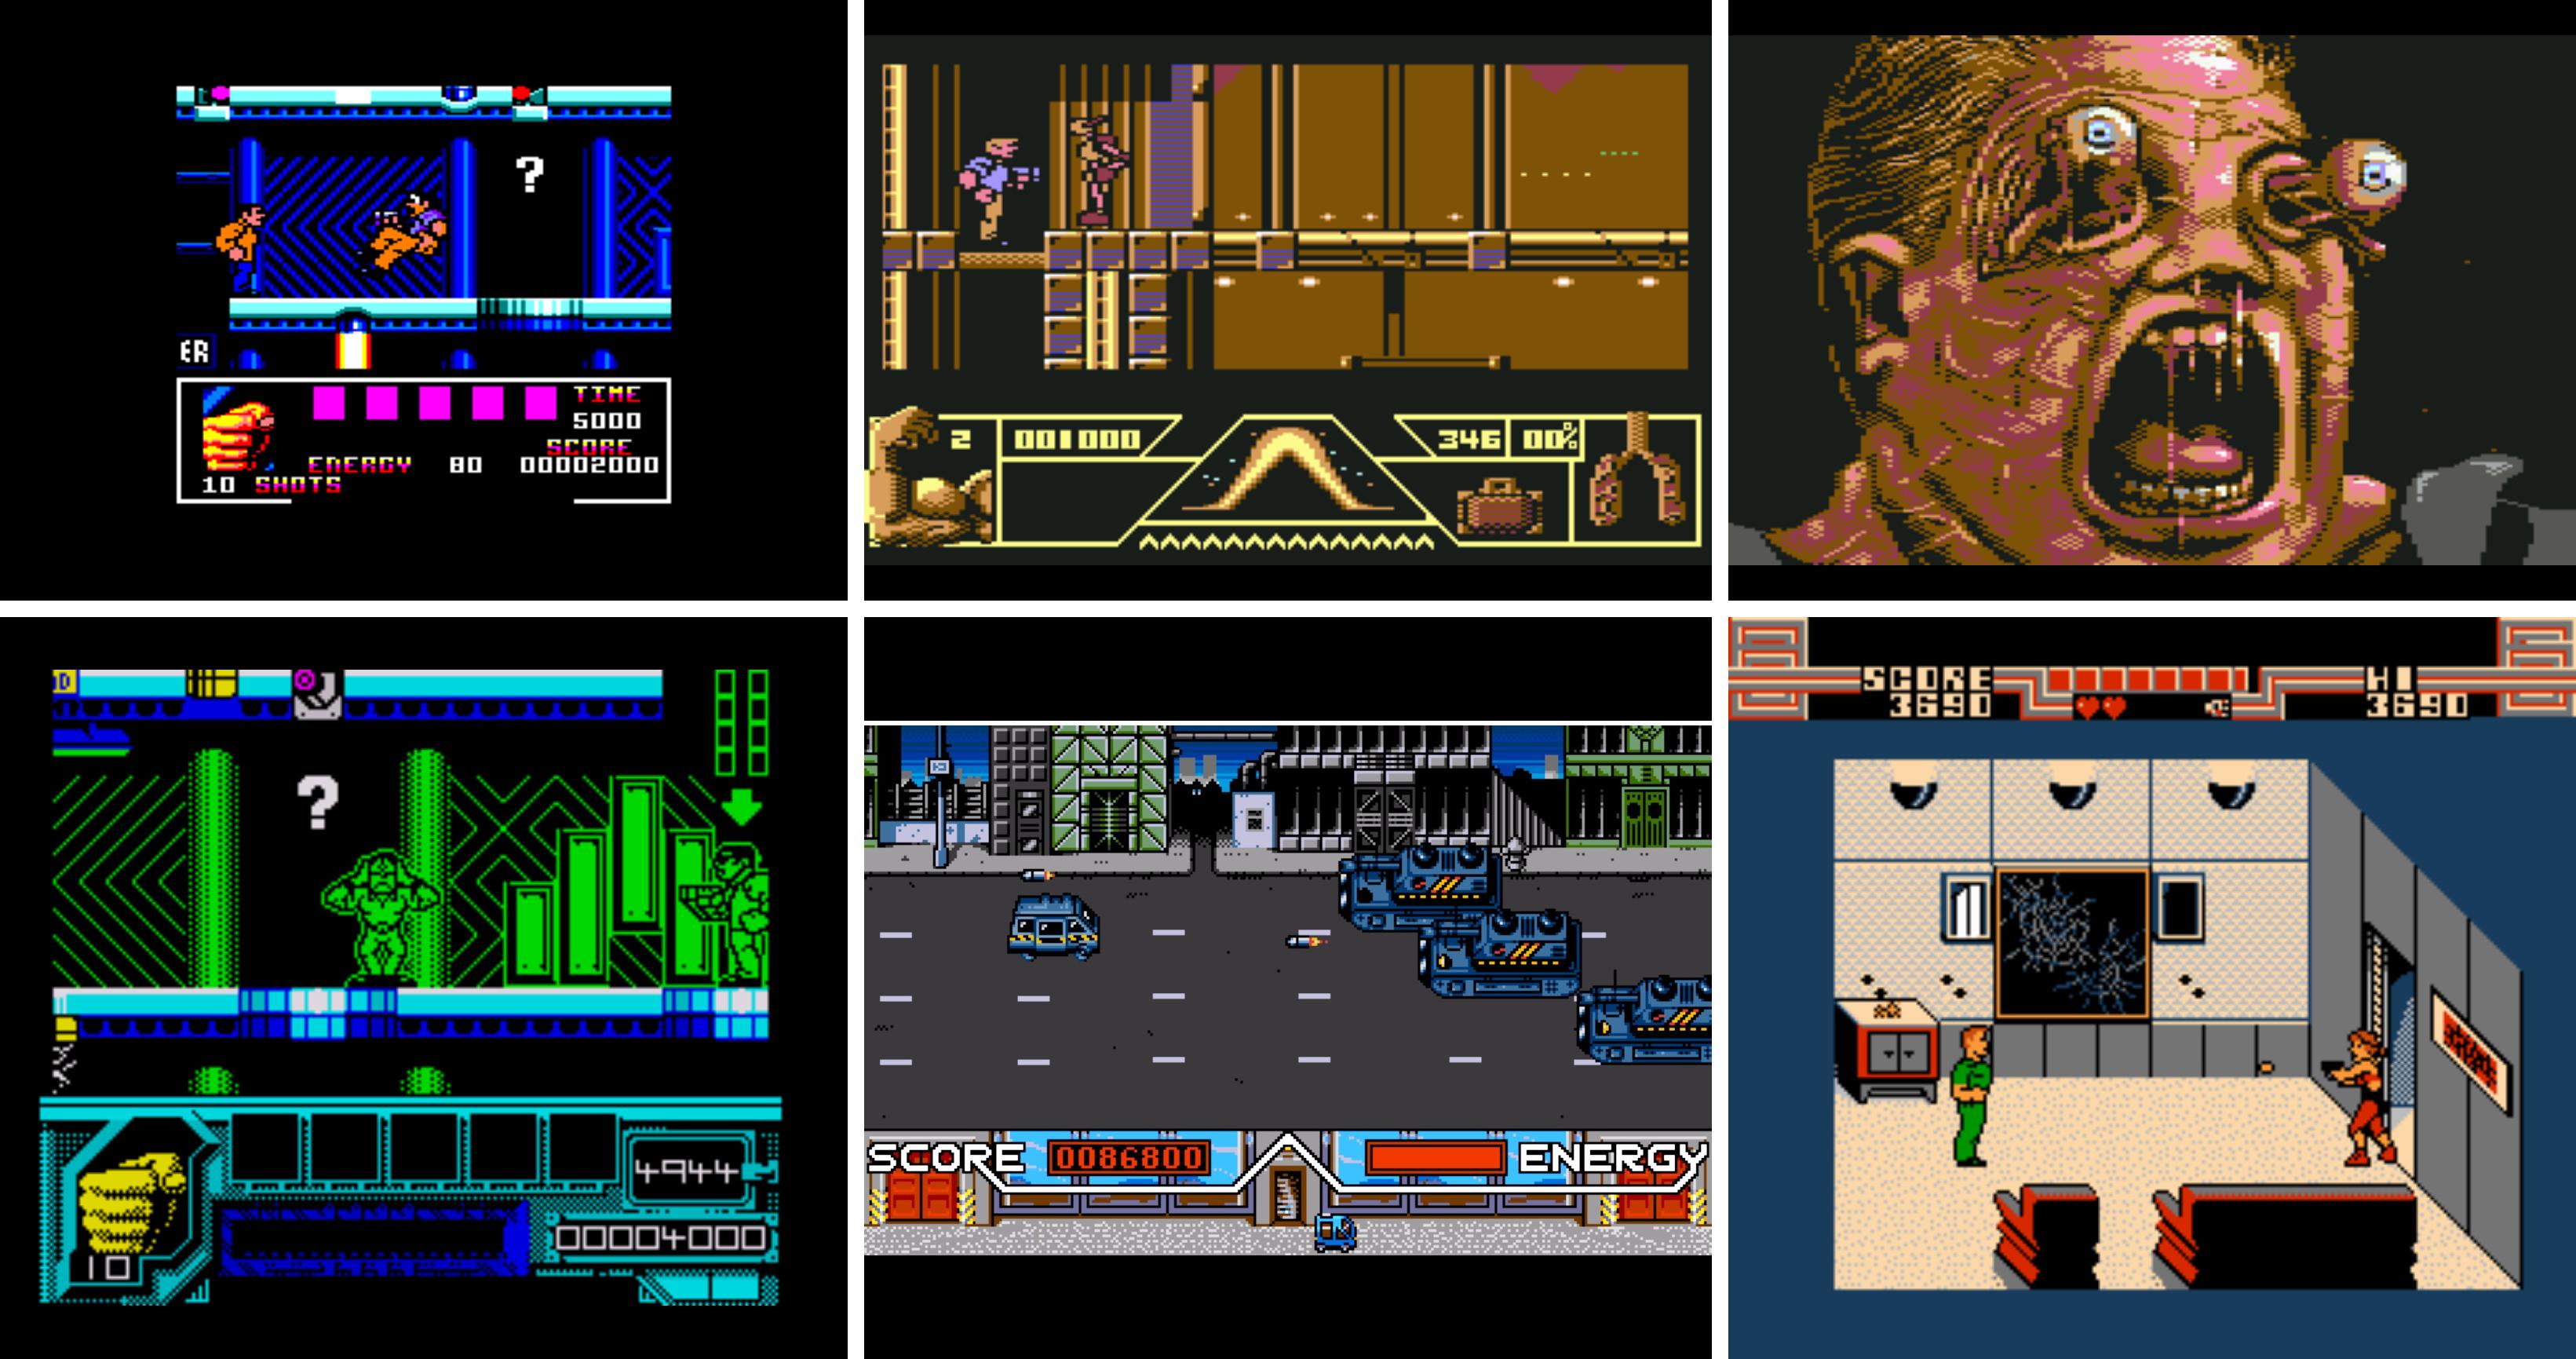 Amstrad - C64 x2 Spectrum - Amiga - NES